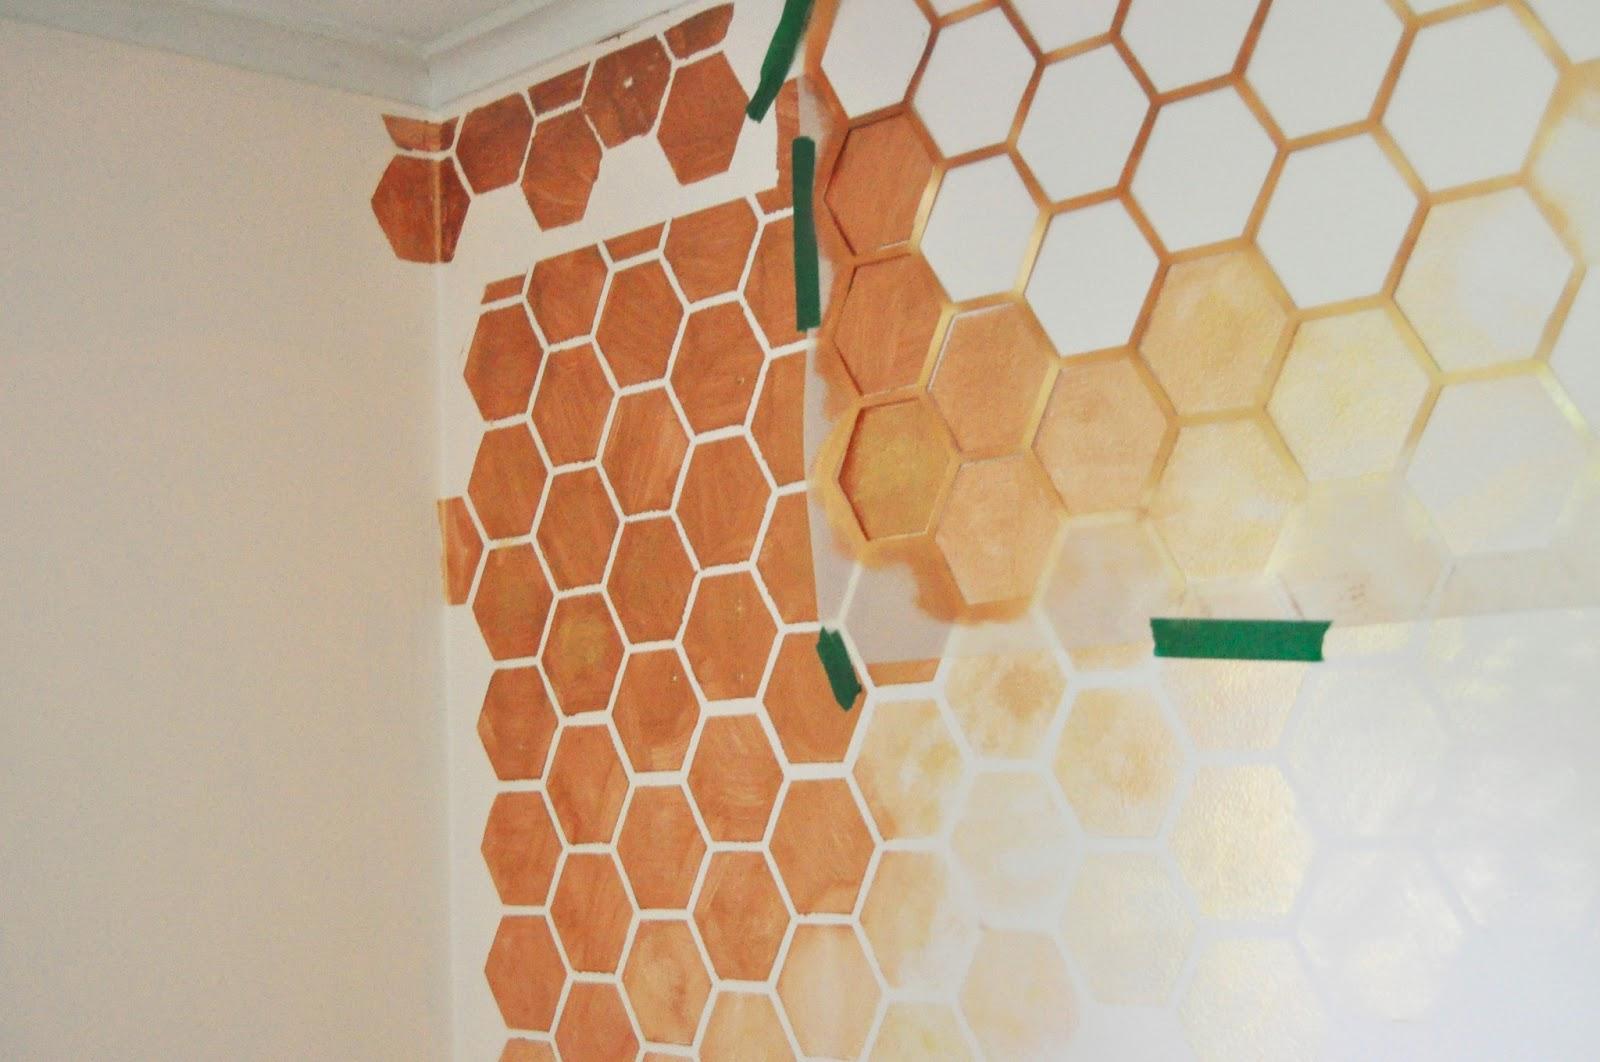 Honeycomb Wall Stencil DIY for Nursery